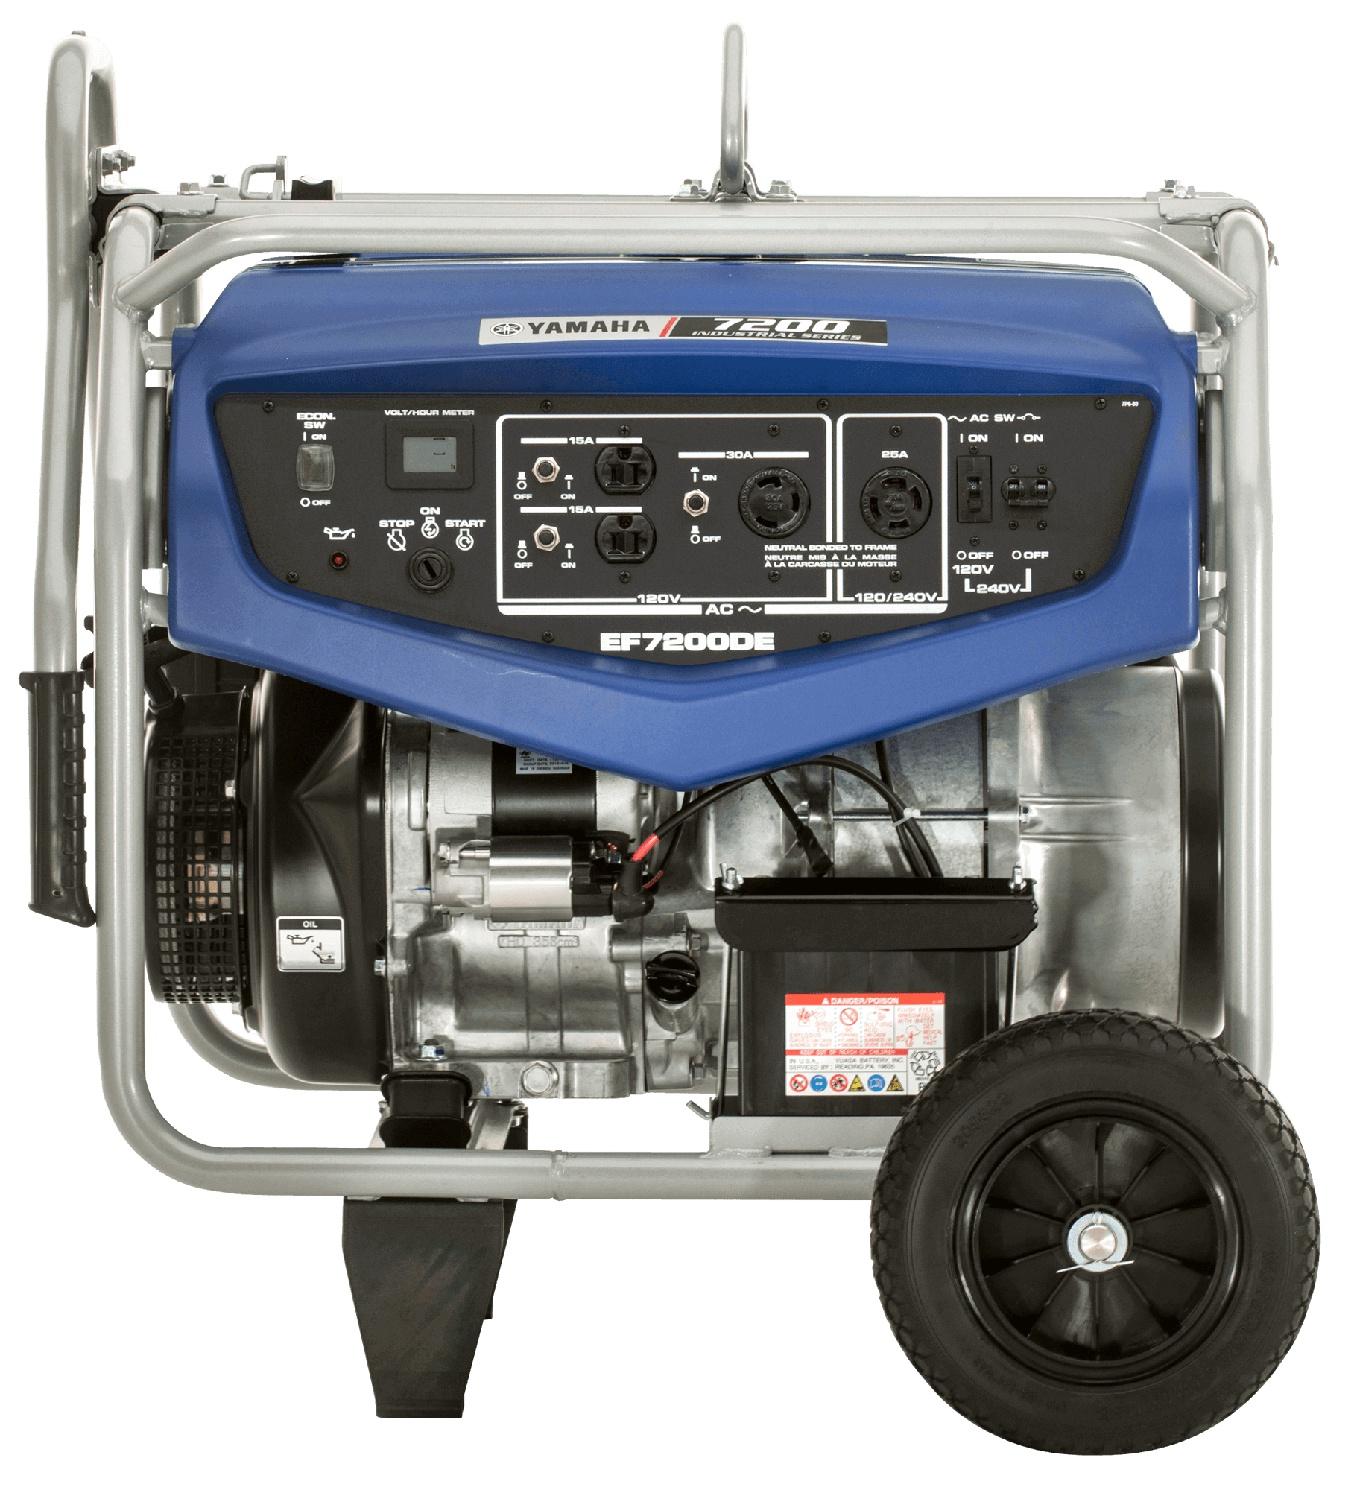 Yamaha EF7200DE Blue